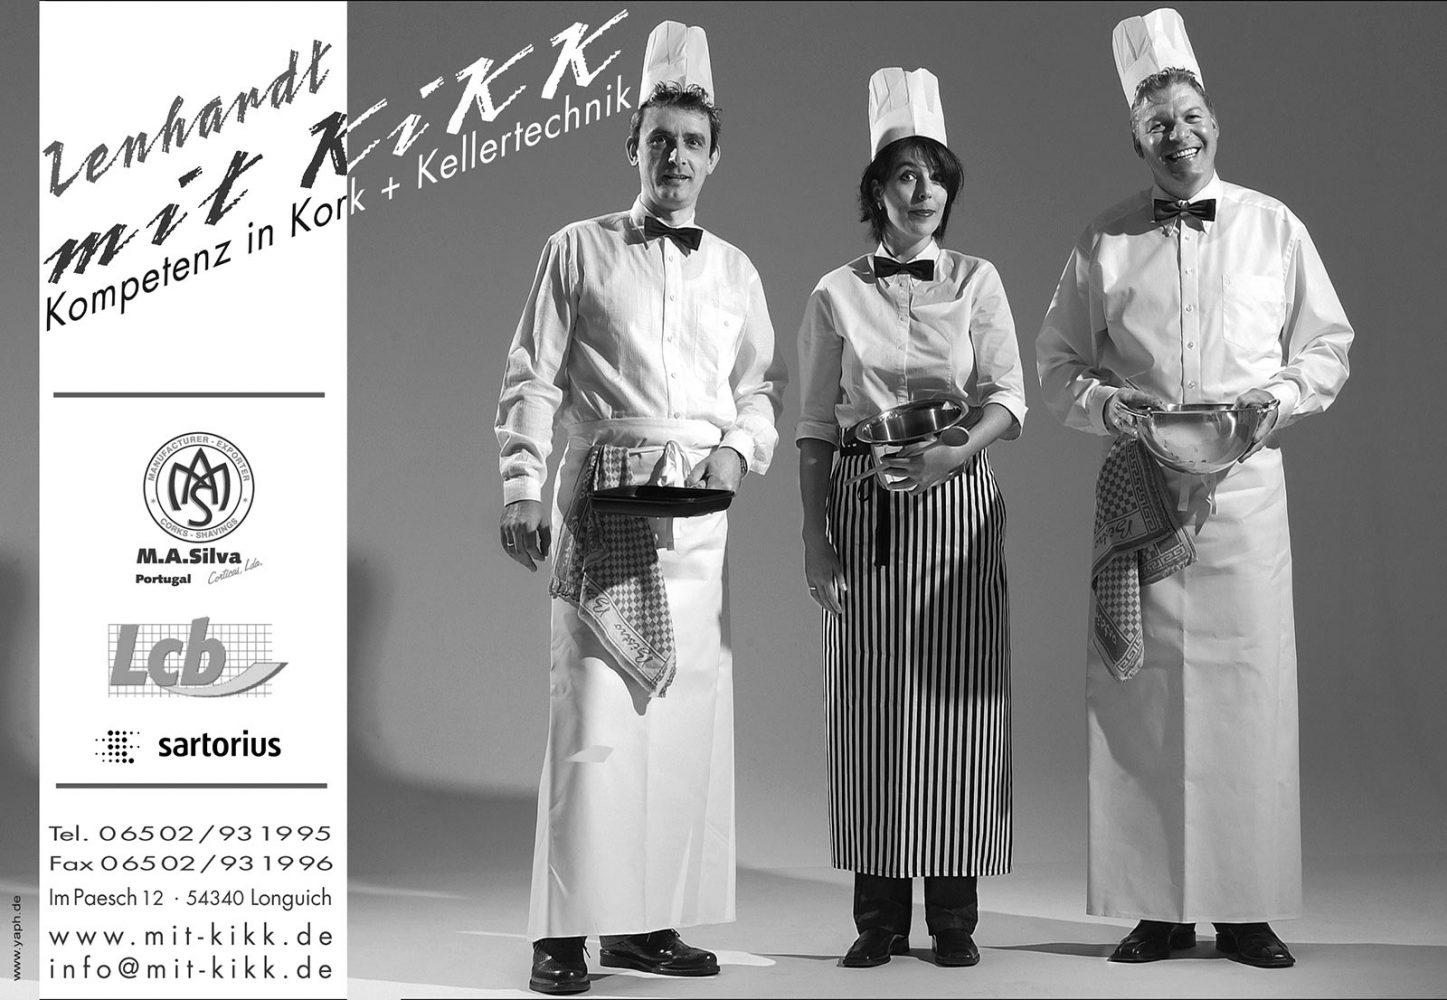 Mitkikk GmbH Anzeige in der Deutschen Weinbau ddw Atelier Yaph Trier